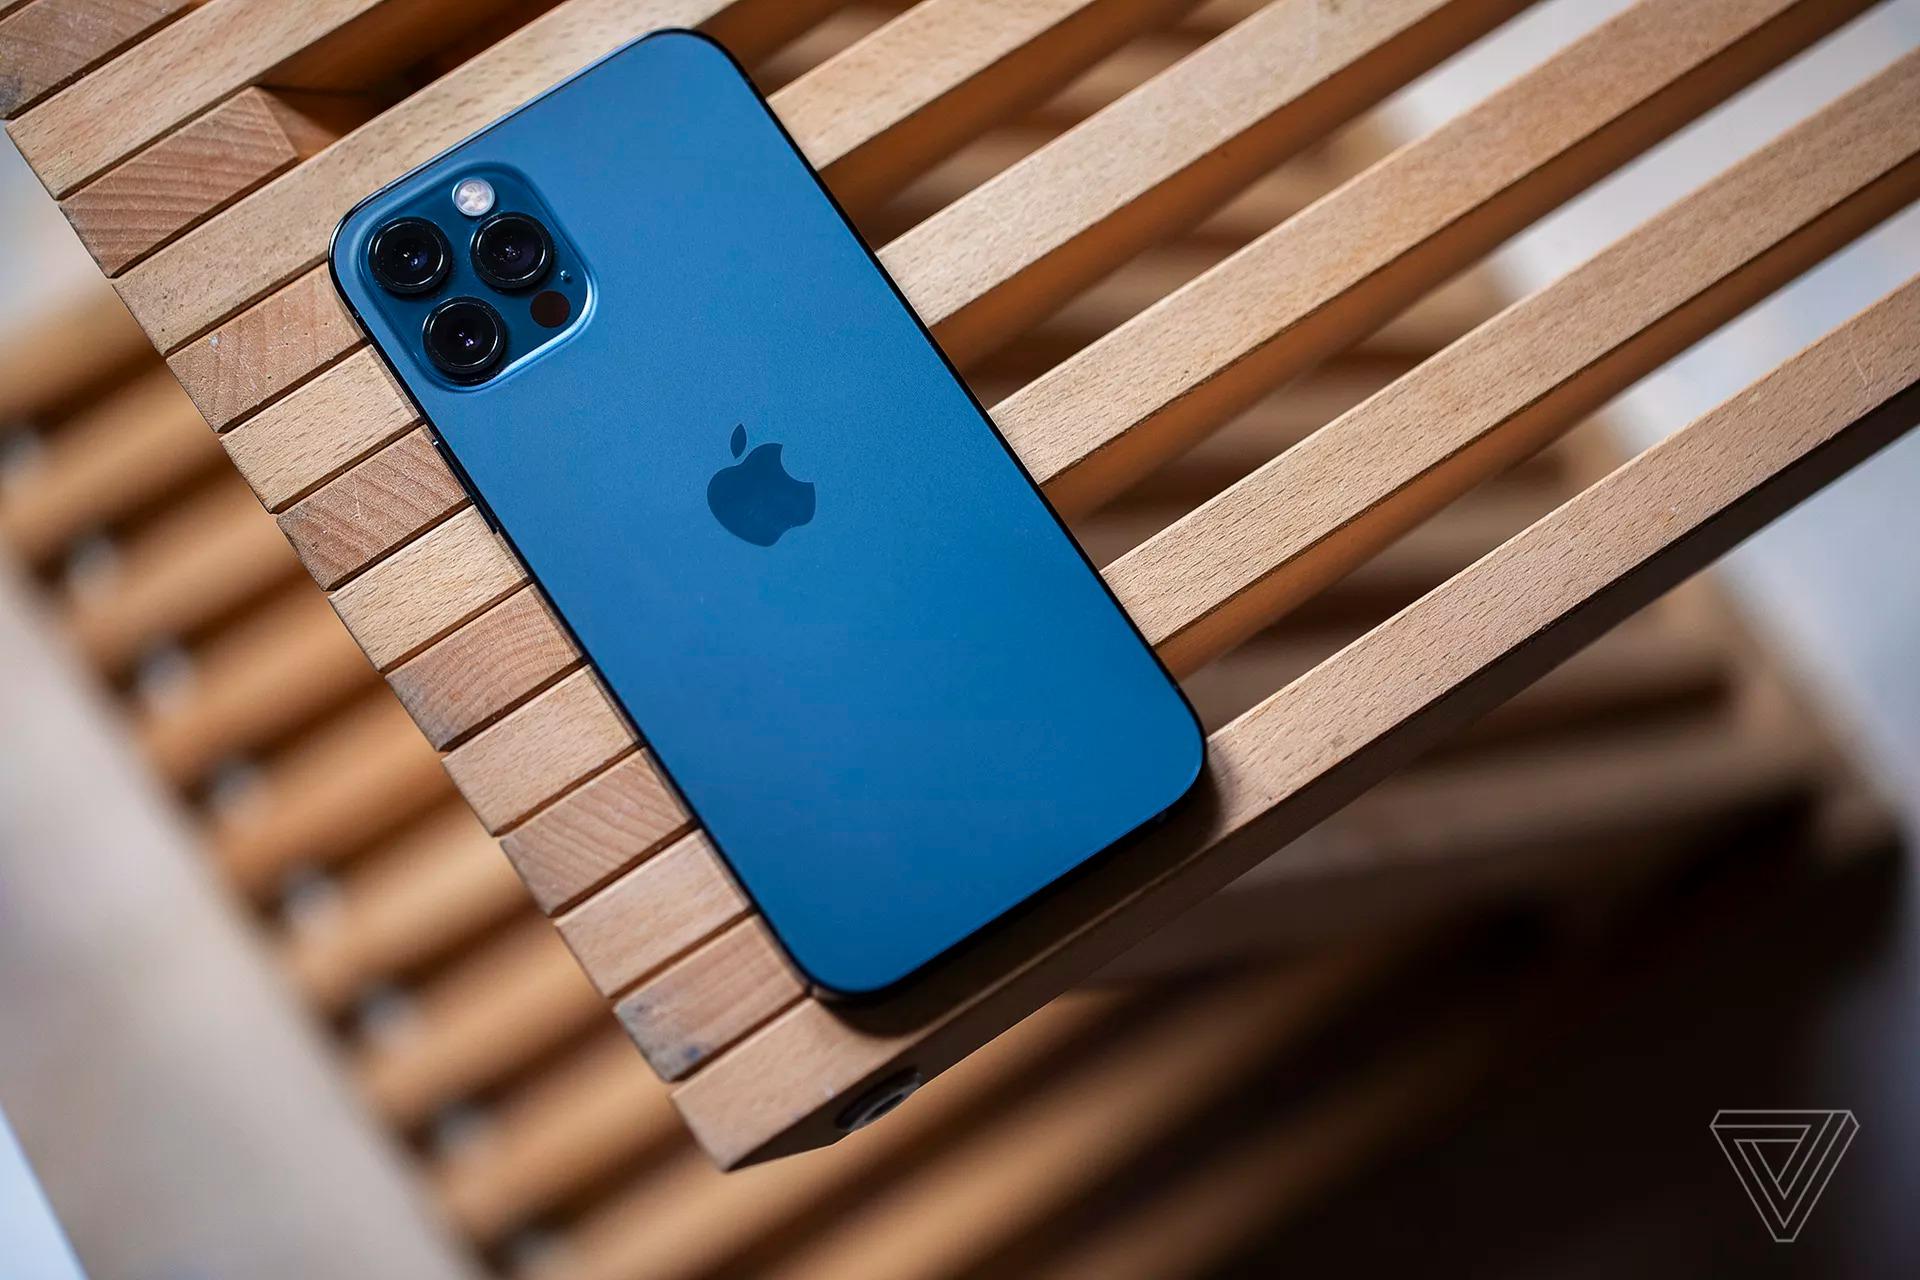 Lộ hình ảnh prototype iPhone 12 Pro ban đầu, khác biệt một chút so với phiên bản cuối cùng